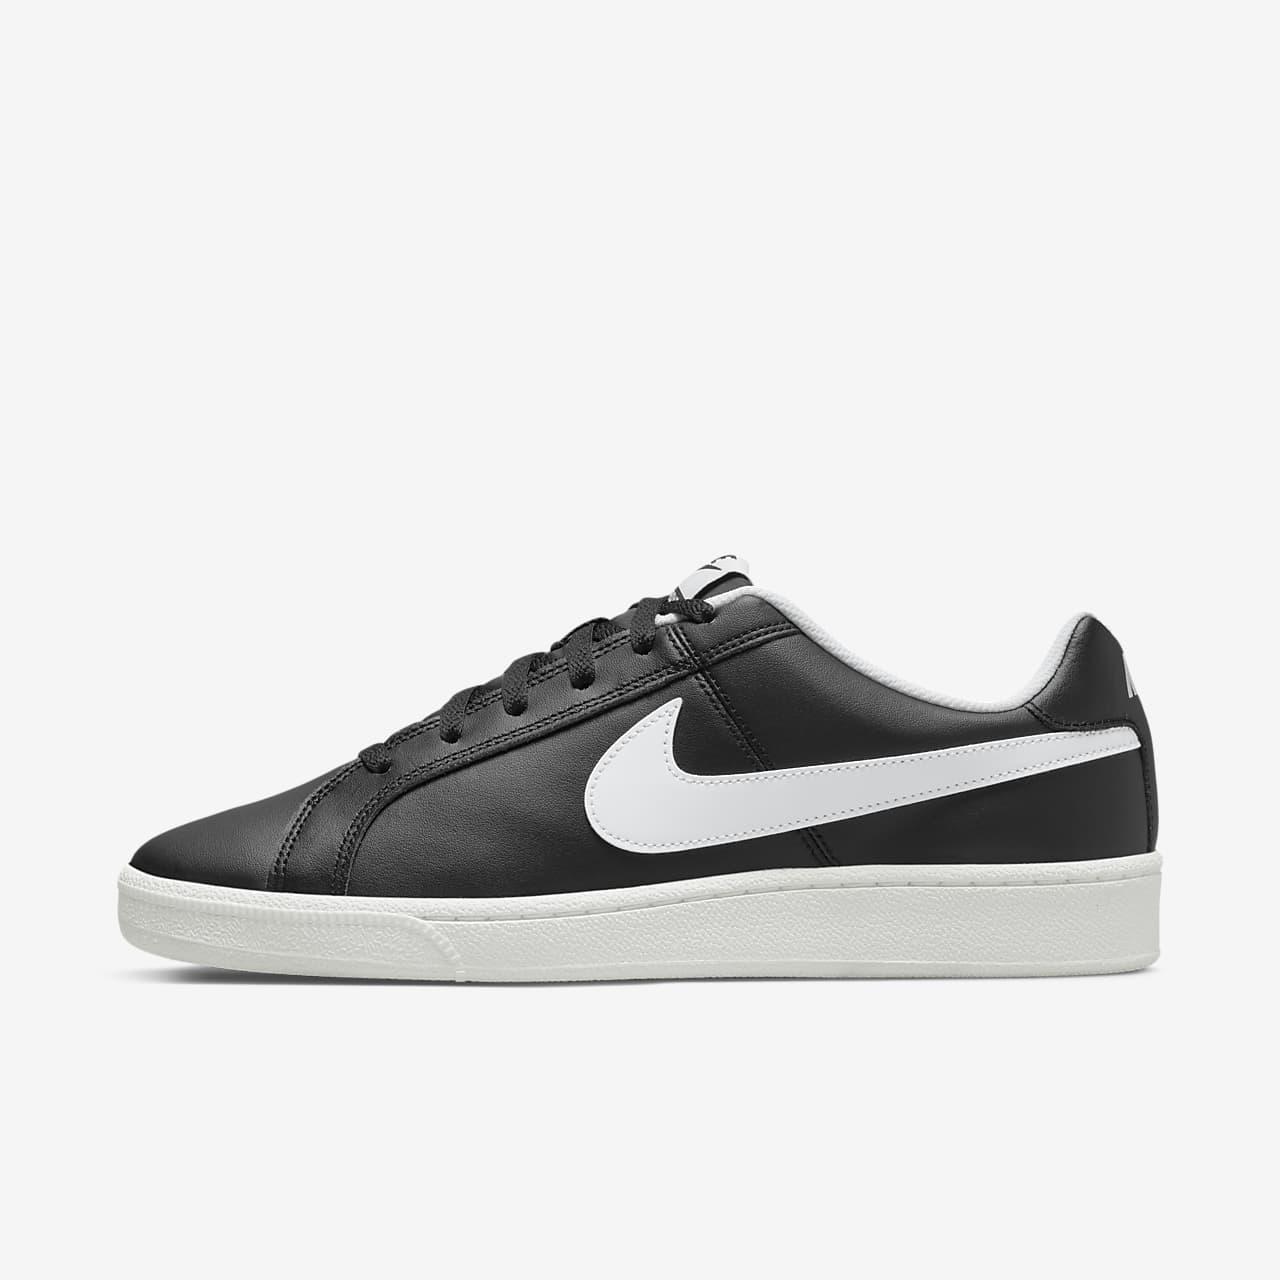 Sko Nike Court Royale för män